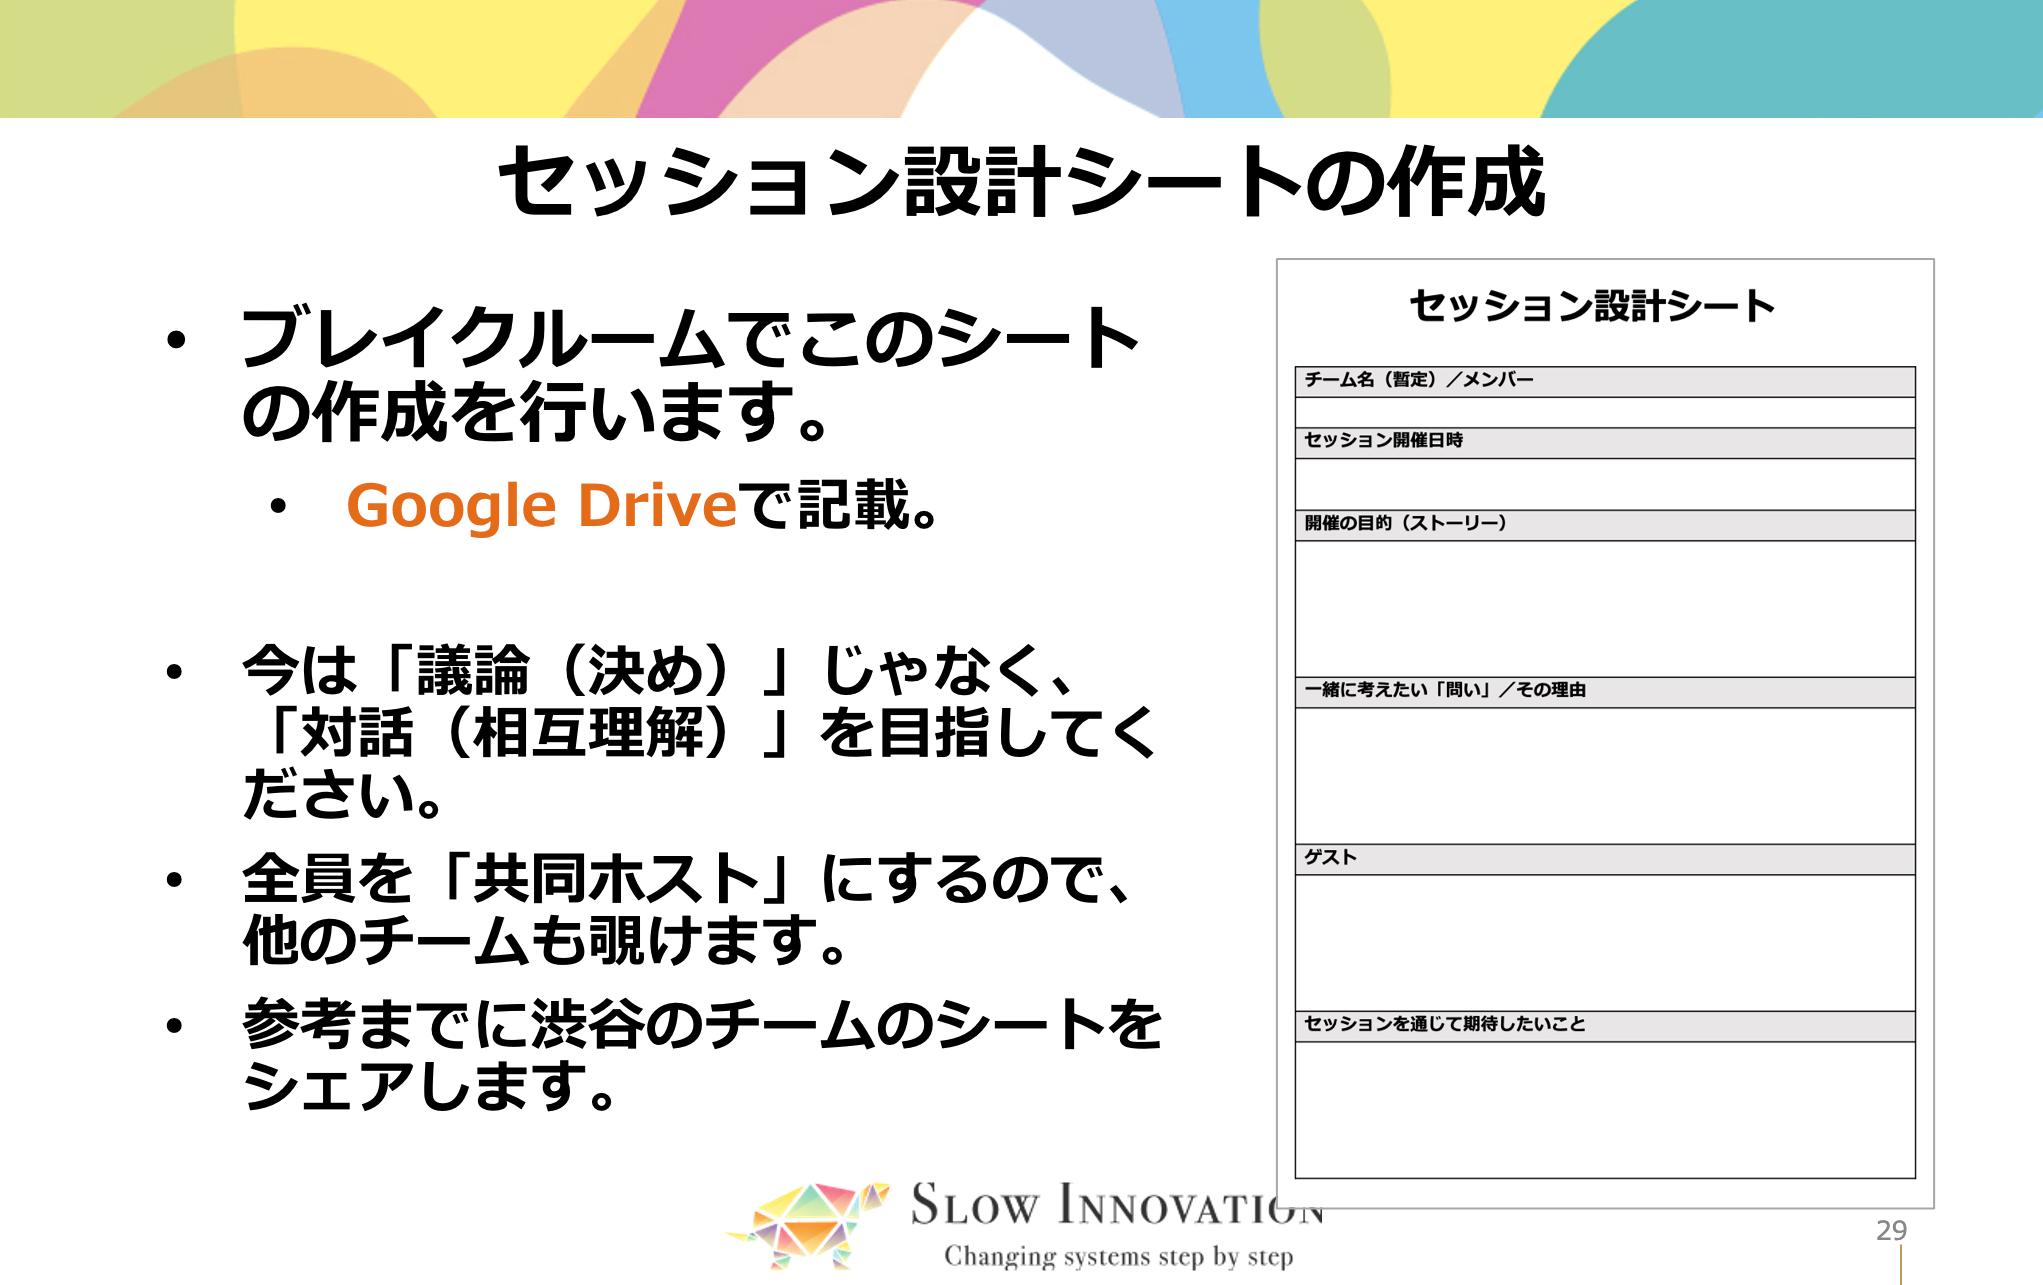 スクリーンショット 2021-01-18 15.41.47